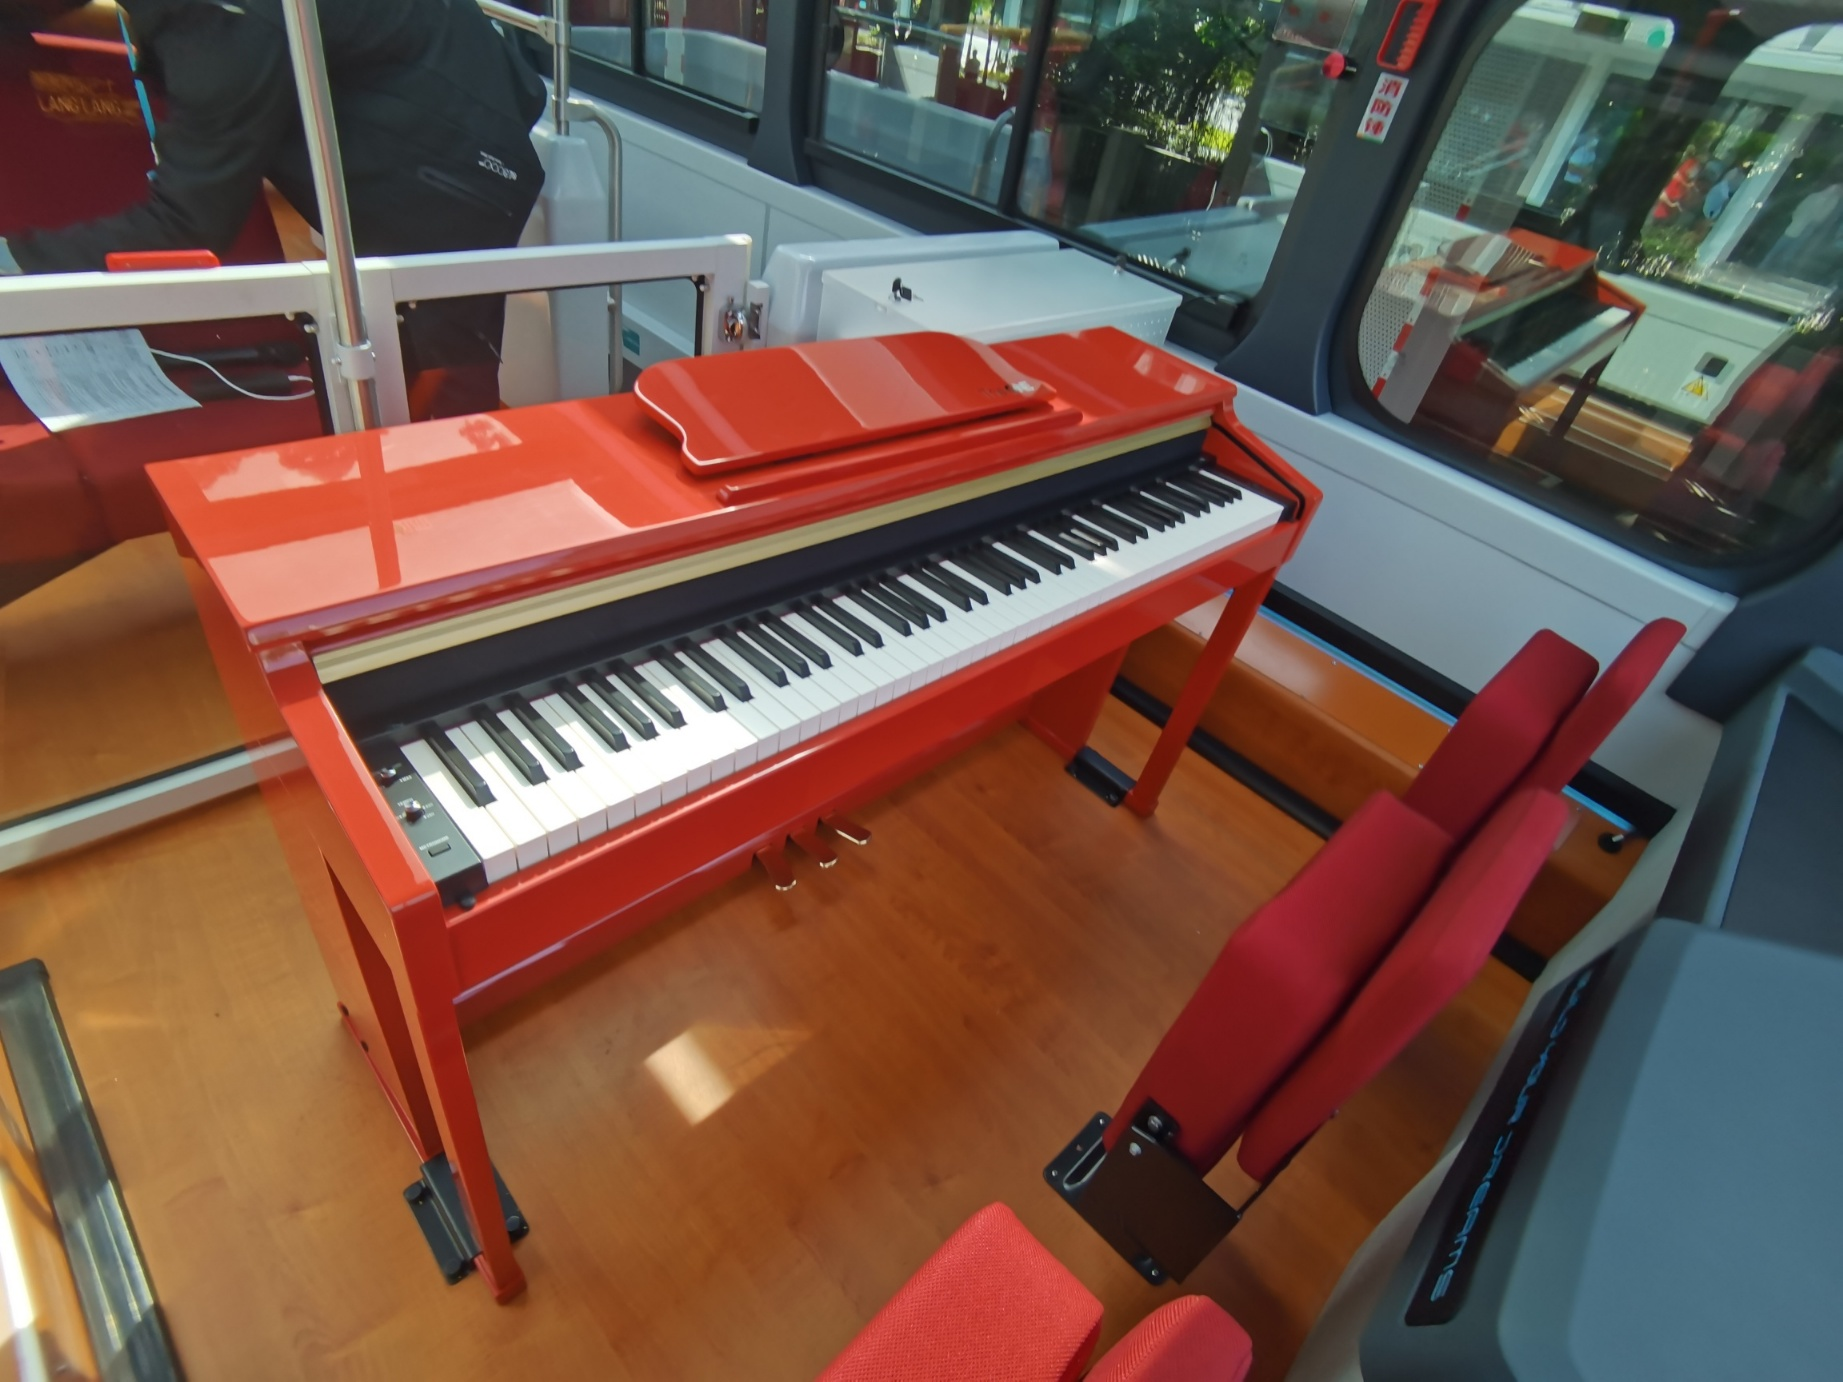 郎朗音樂主題巴士上配有鋼琴 。(香港文匯網記者郭若溪 攝)